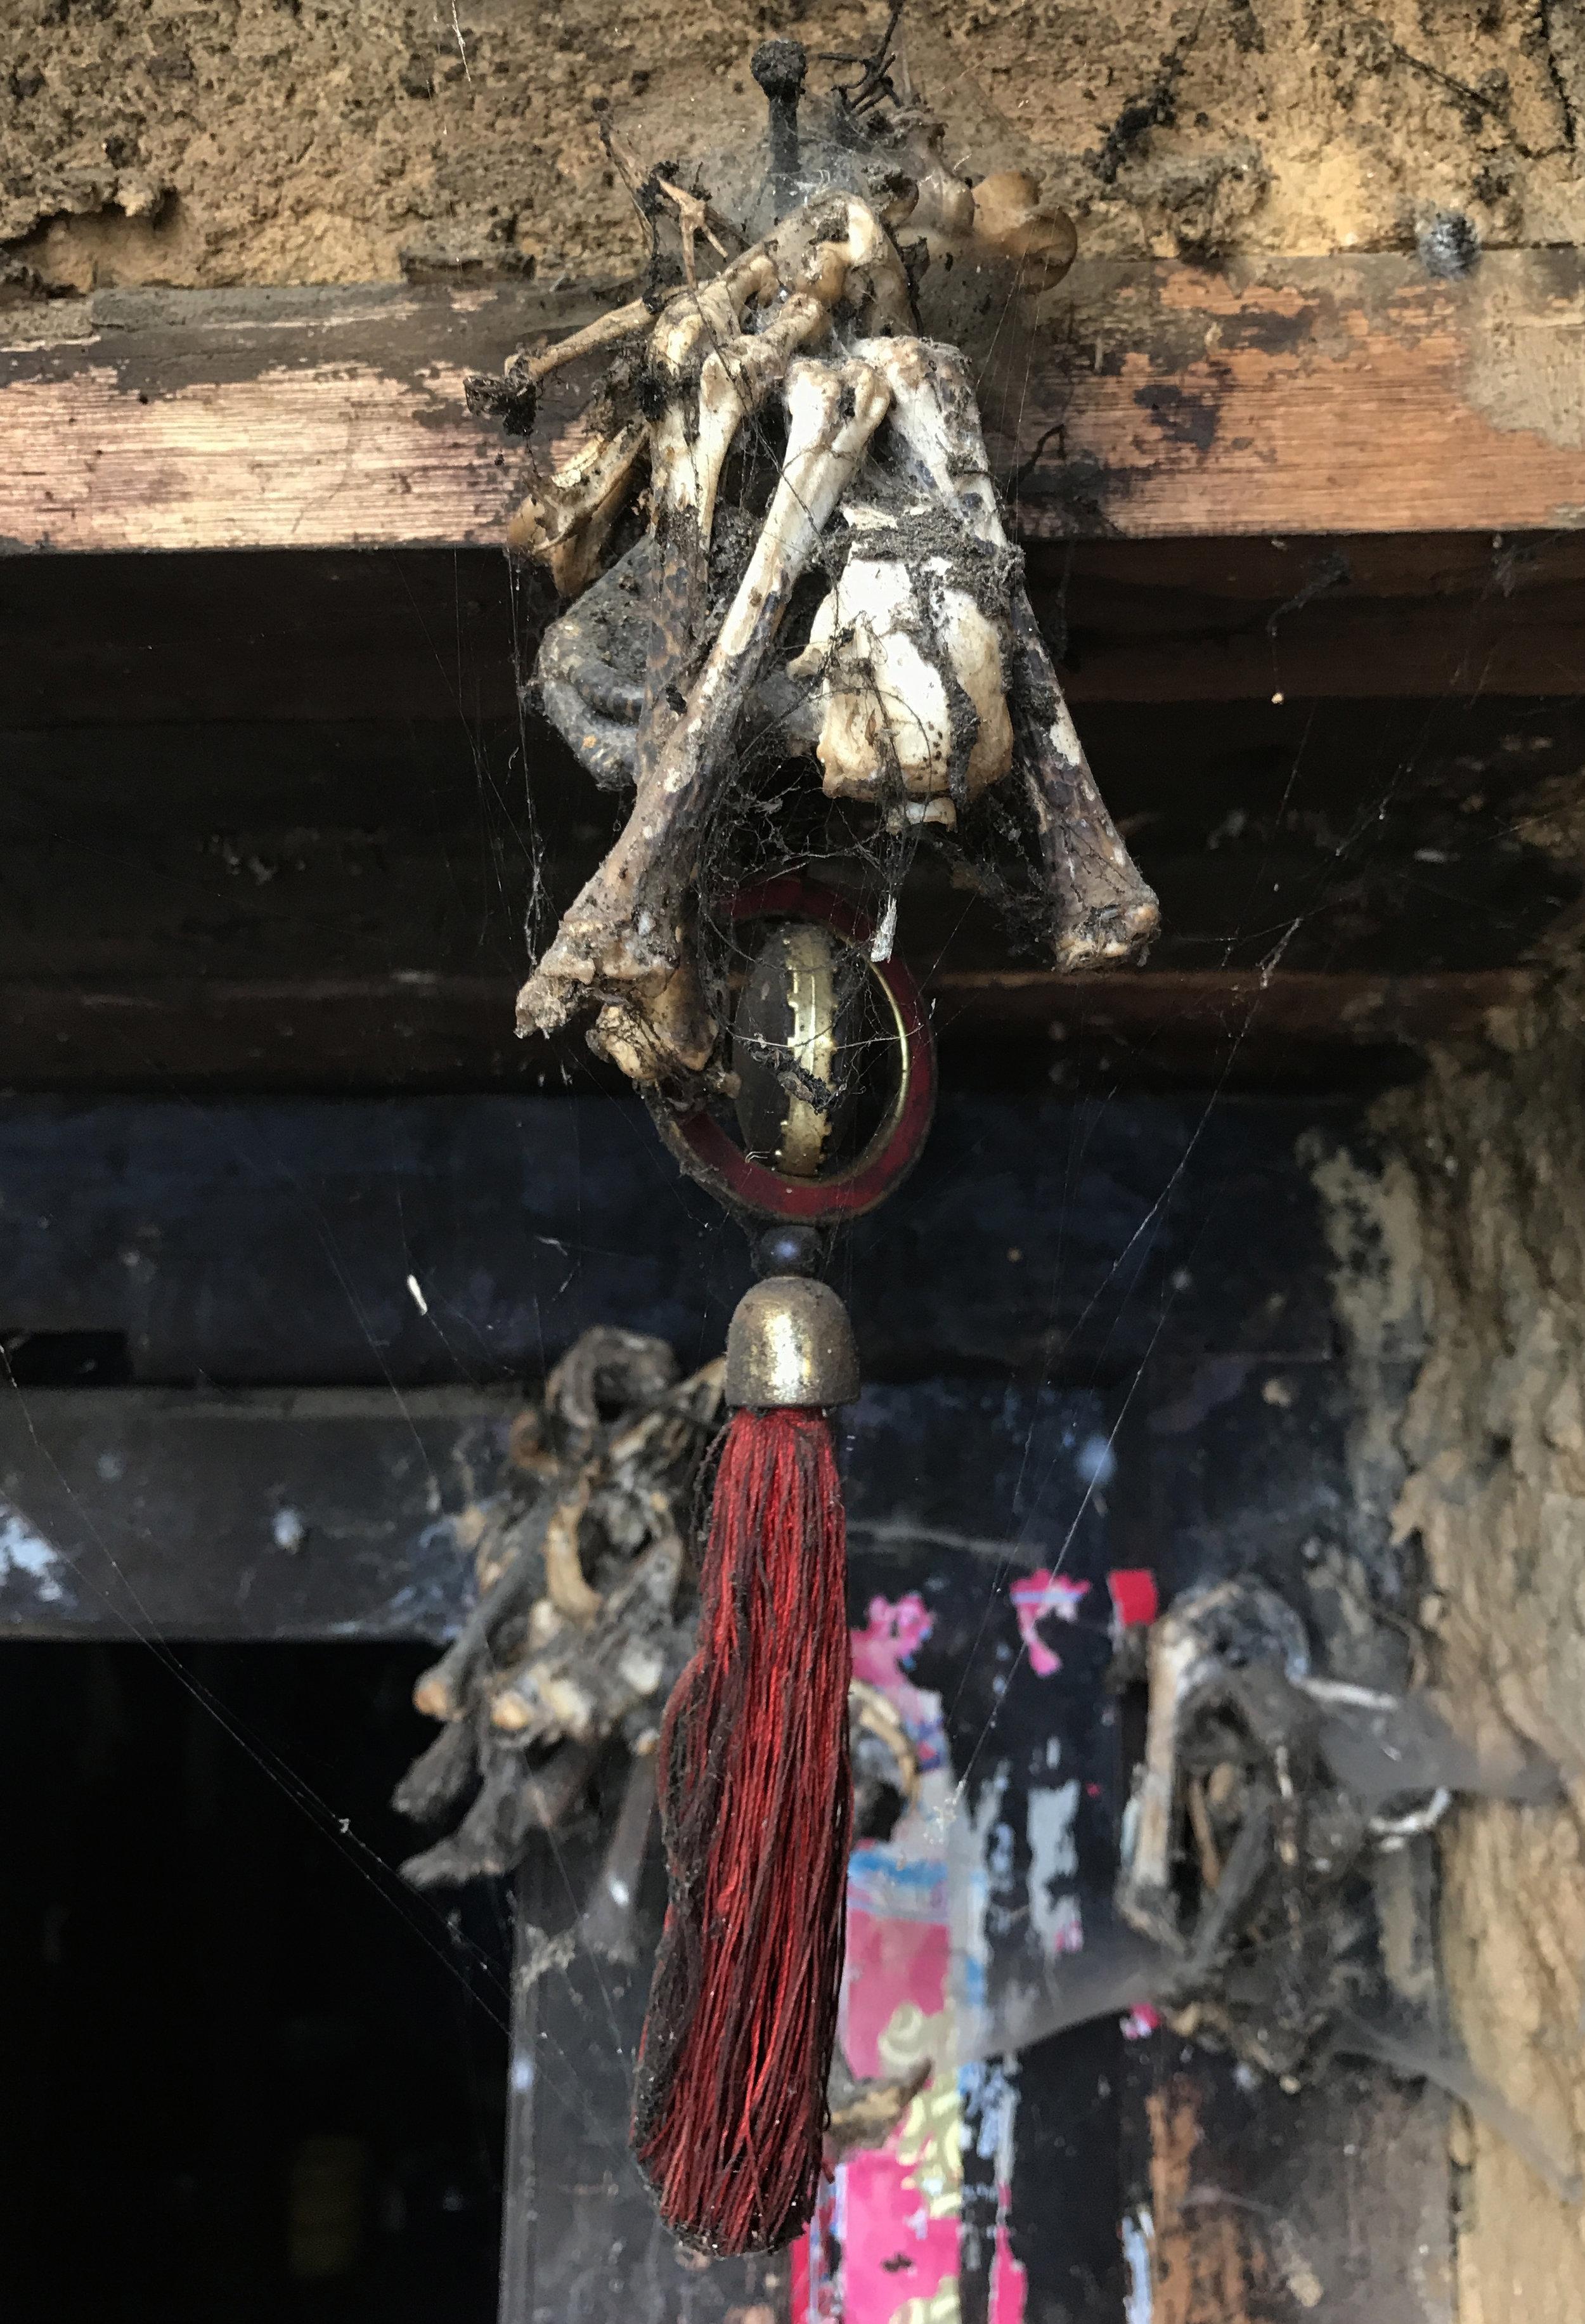 Bones and tassels, Luomo village.